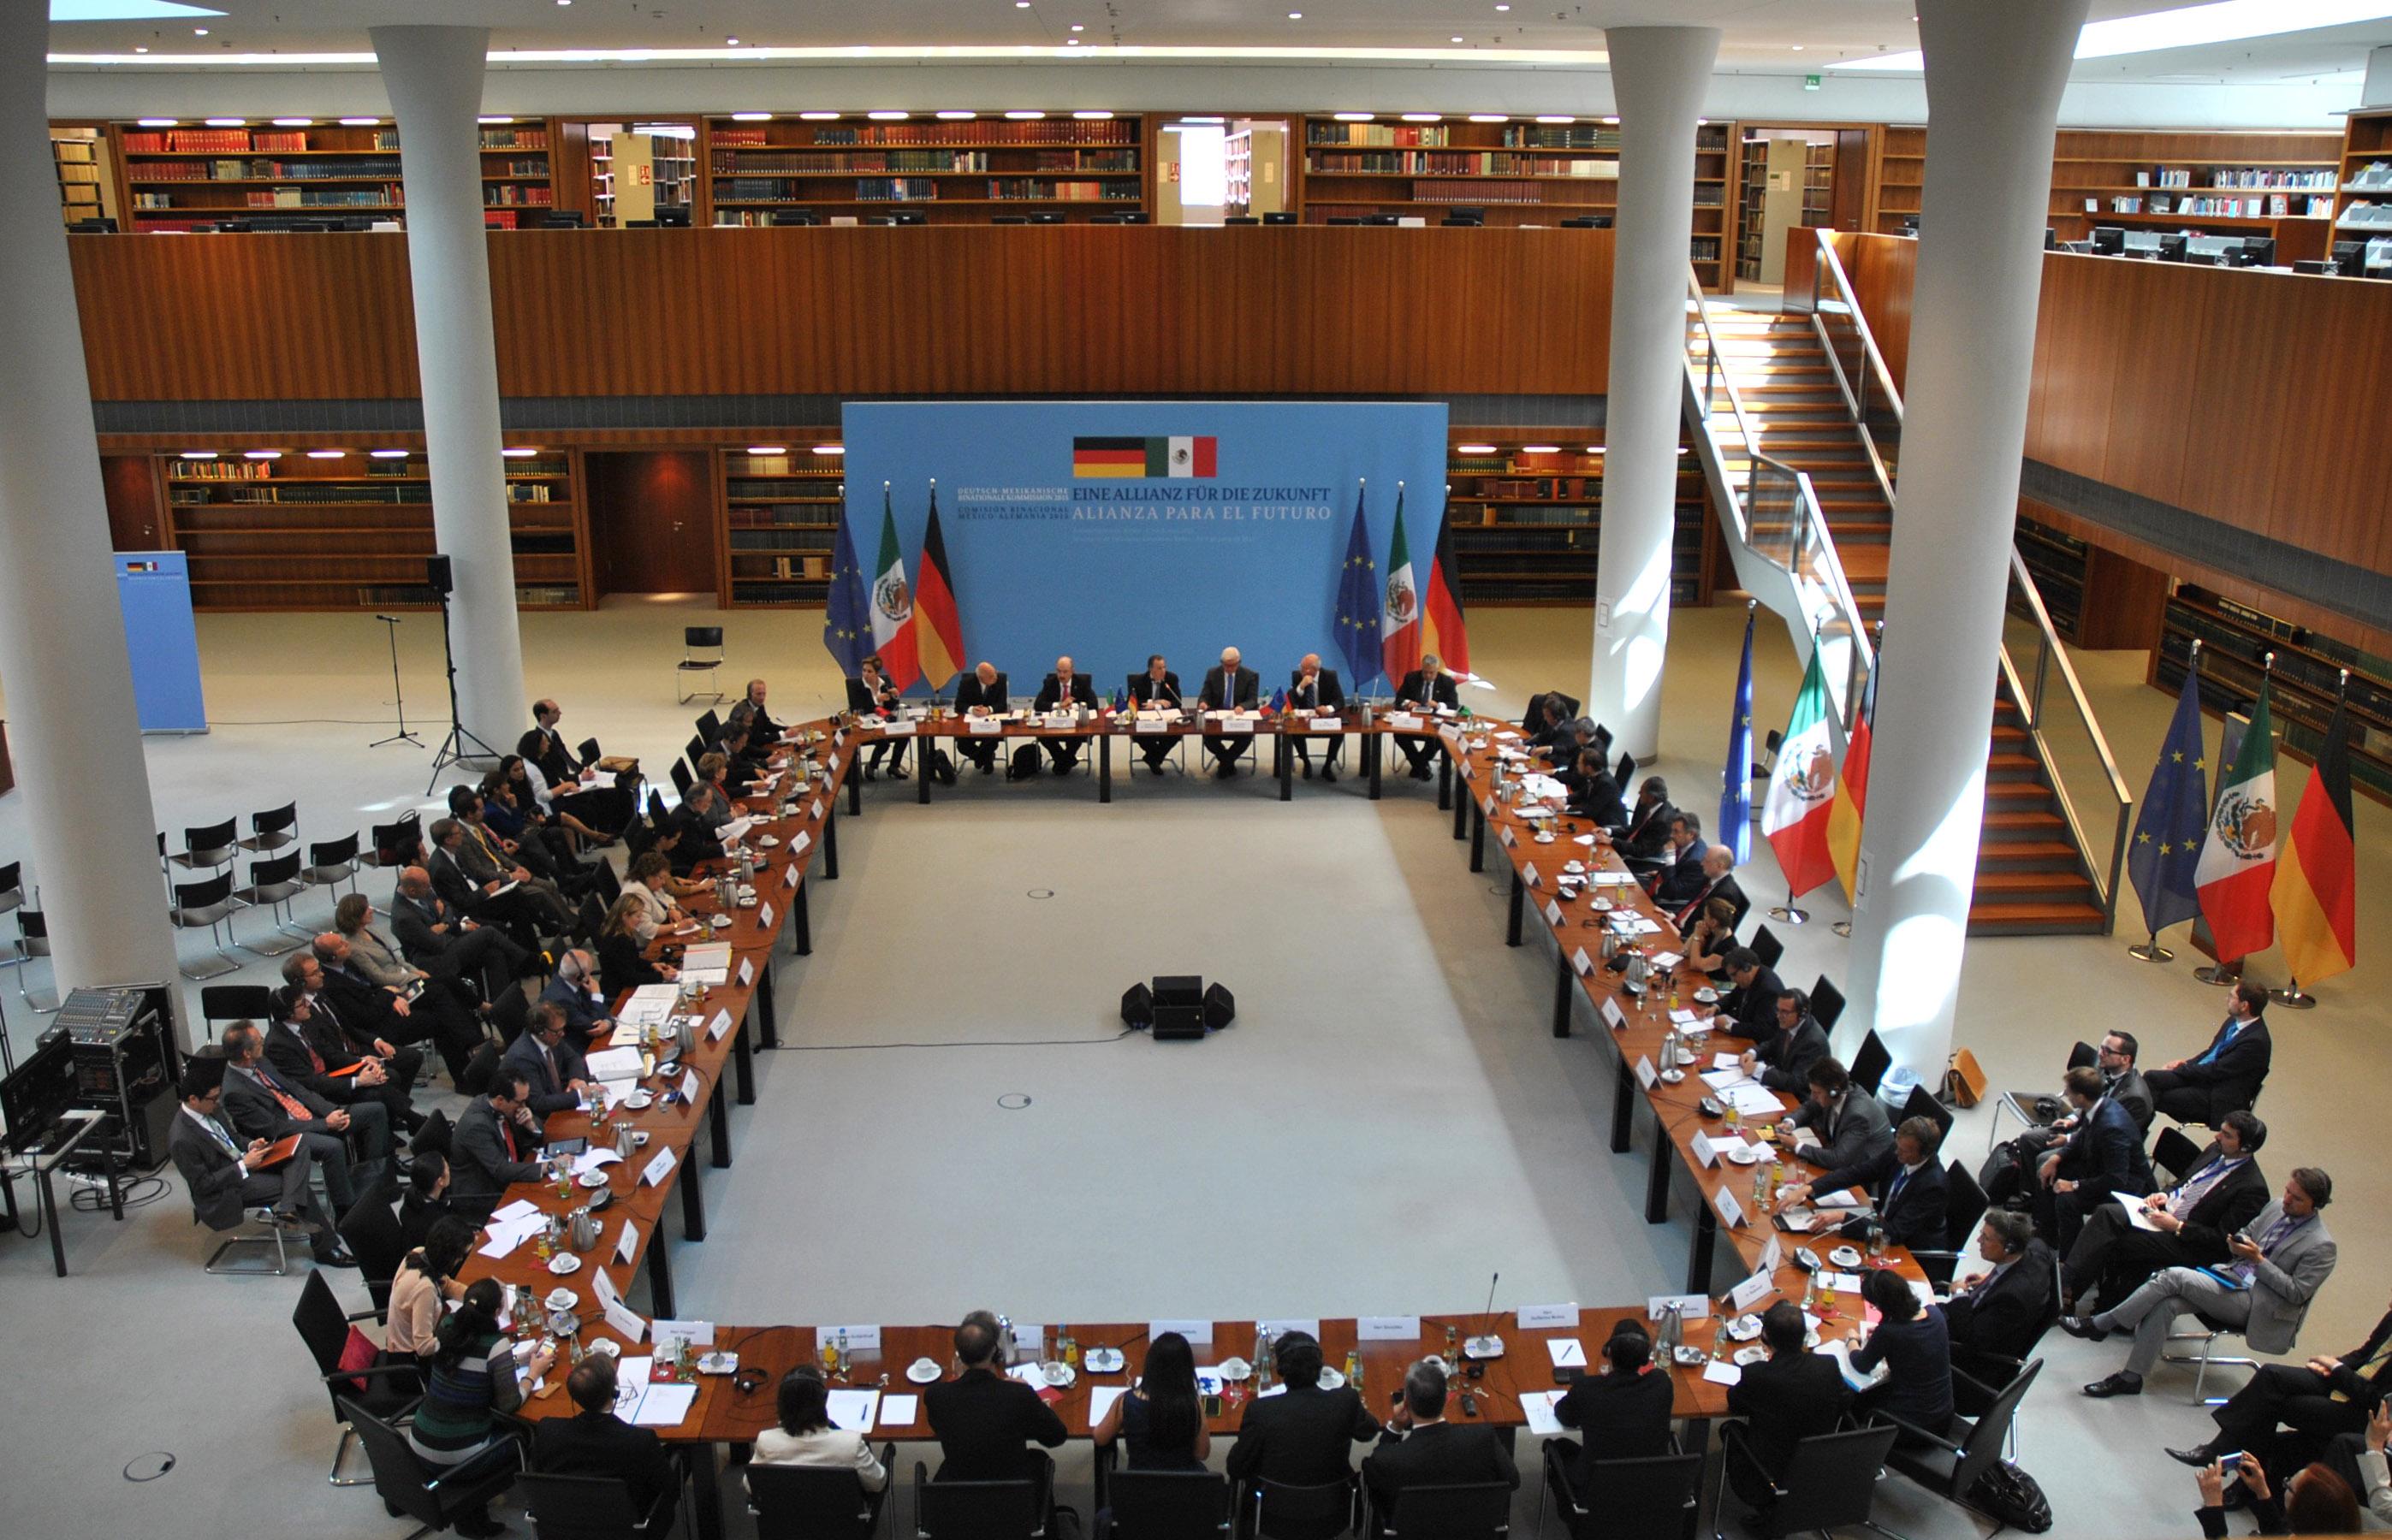 FOTO 1 Mesa de trabajo en el marco de la instauraci n de la Comisi n Binacional M xico Alemaniajpg